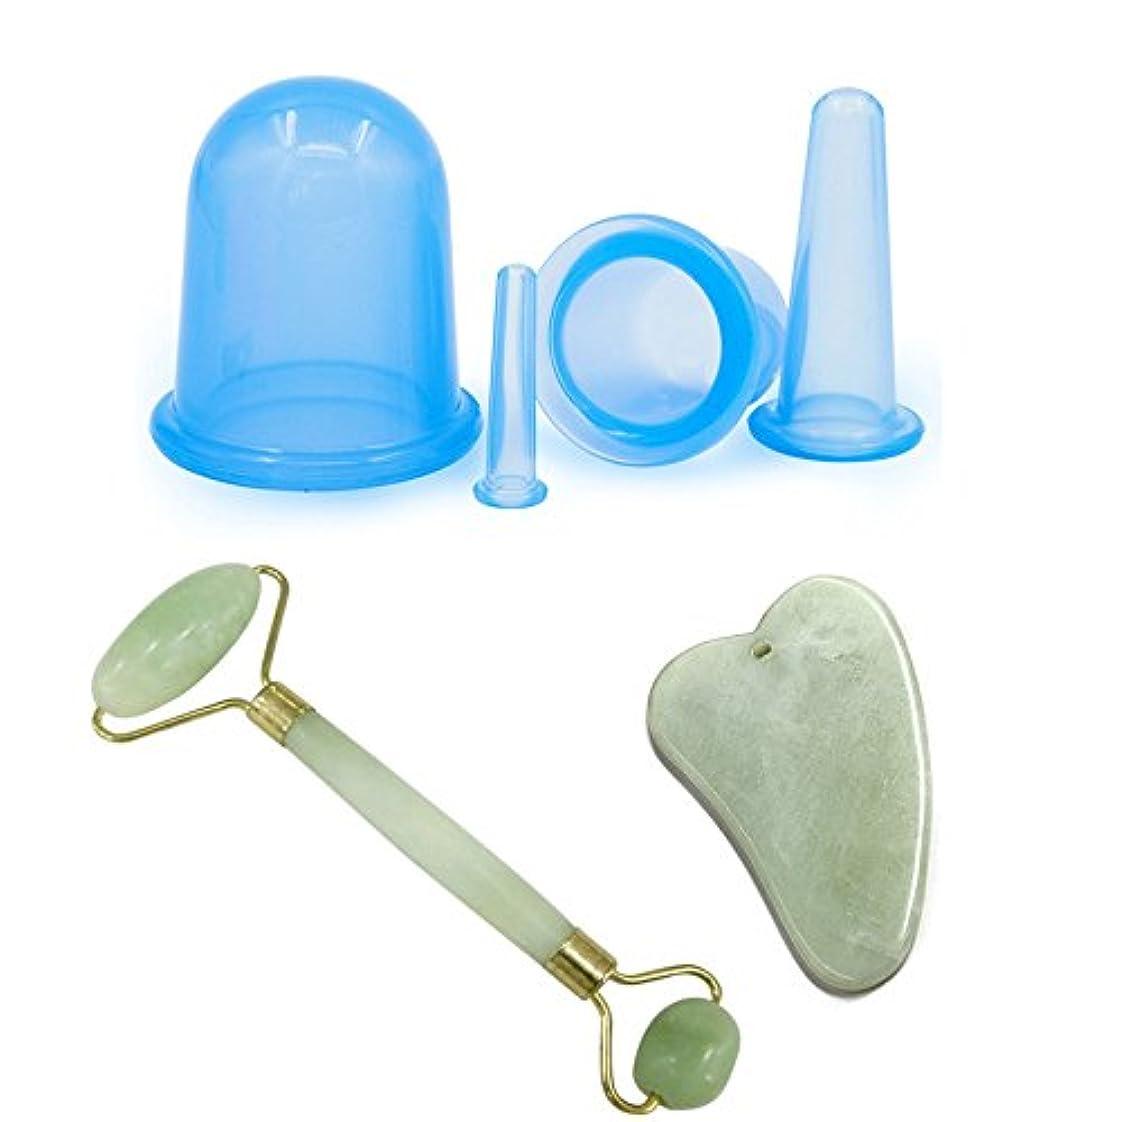 Echo & Kern Jade roller & Gua Sha & Silicon massage cups 4 pcs二点セット翡翠フェイスローラー 顔 マッサージ 美顔かっさプレート スキンケア シリコン 4個セット...